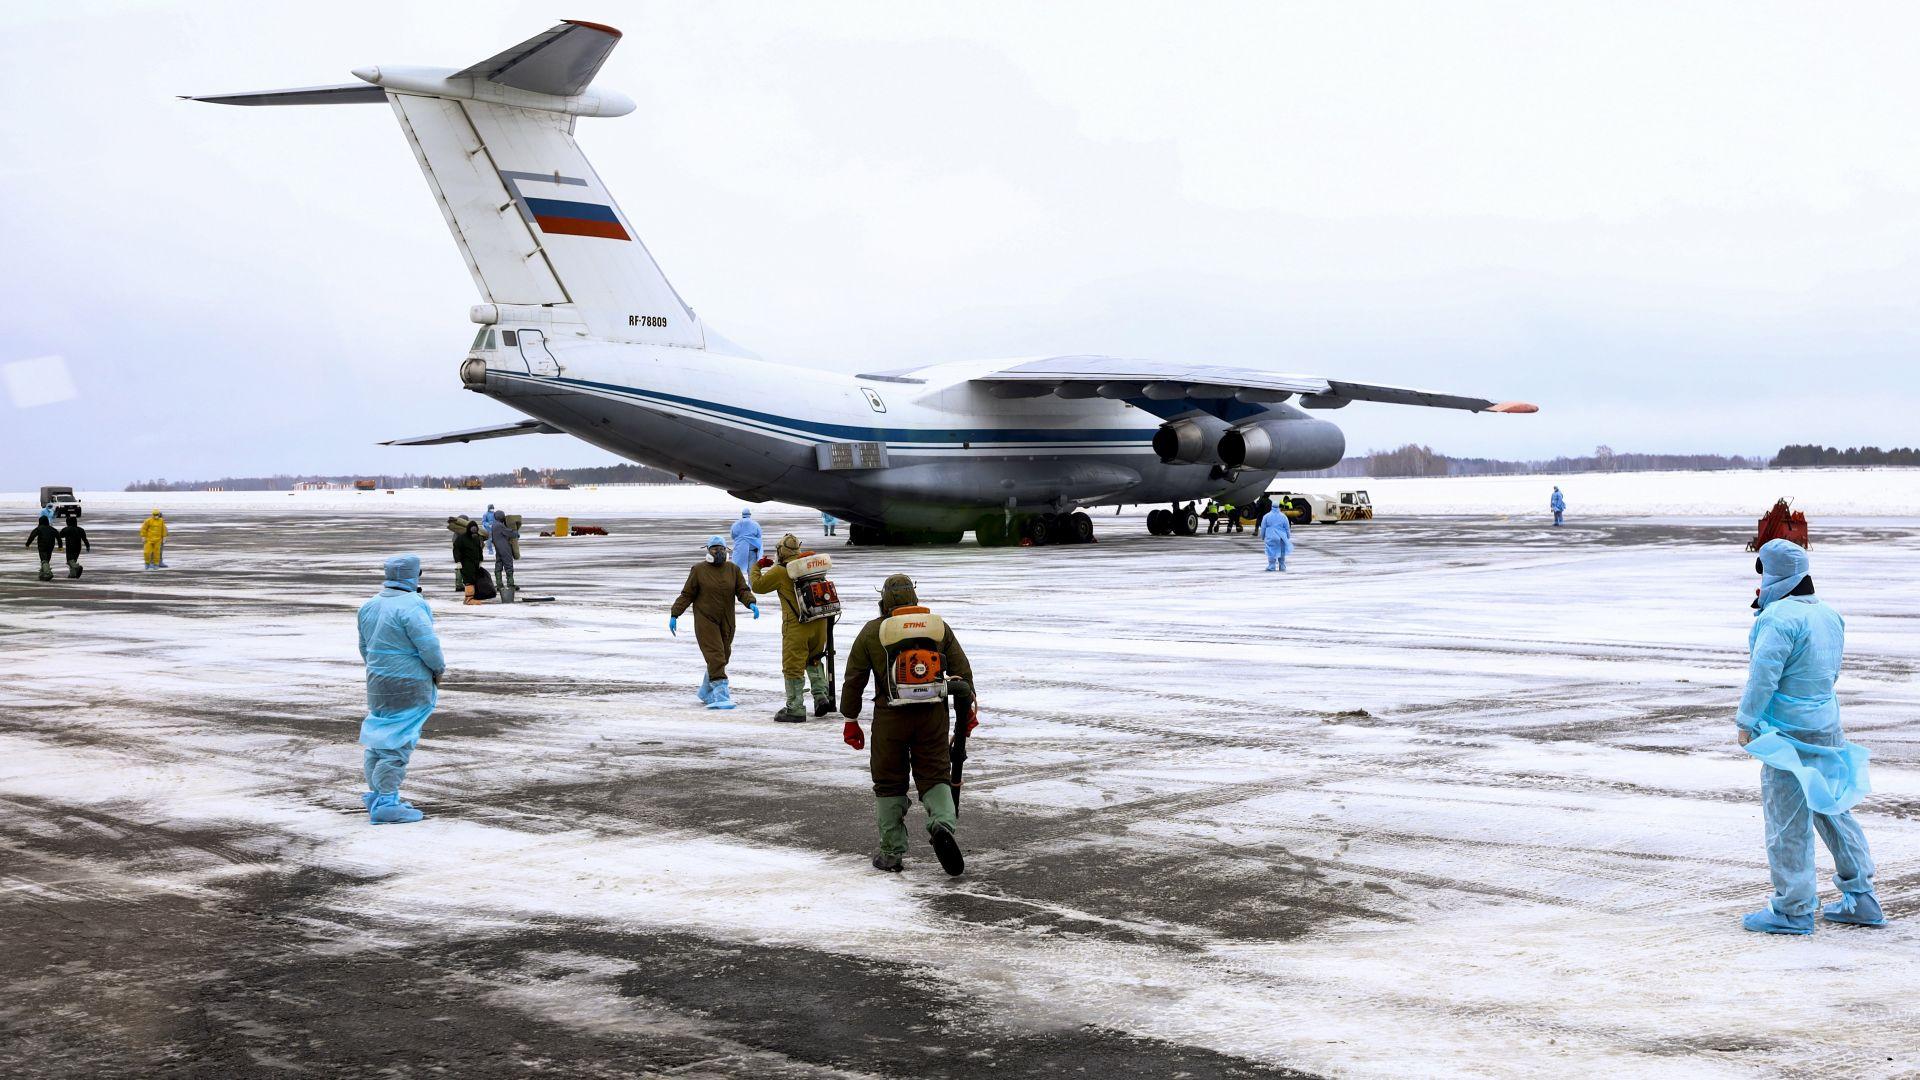 Как бях евакуирана от Ухан - една рускиня разказва